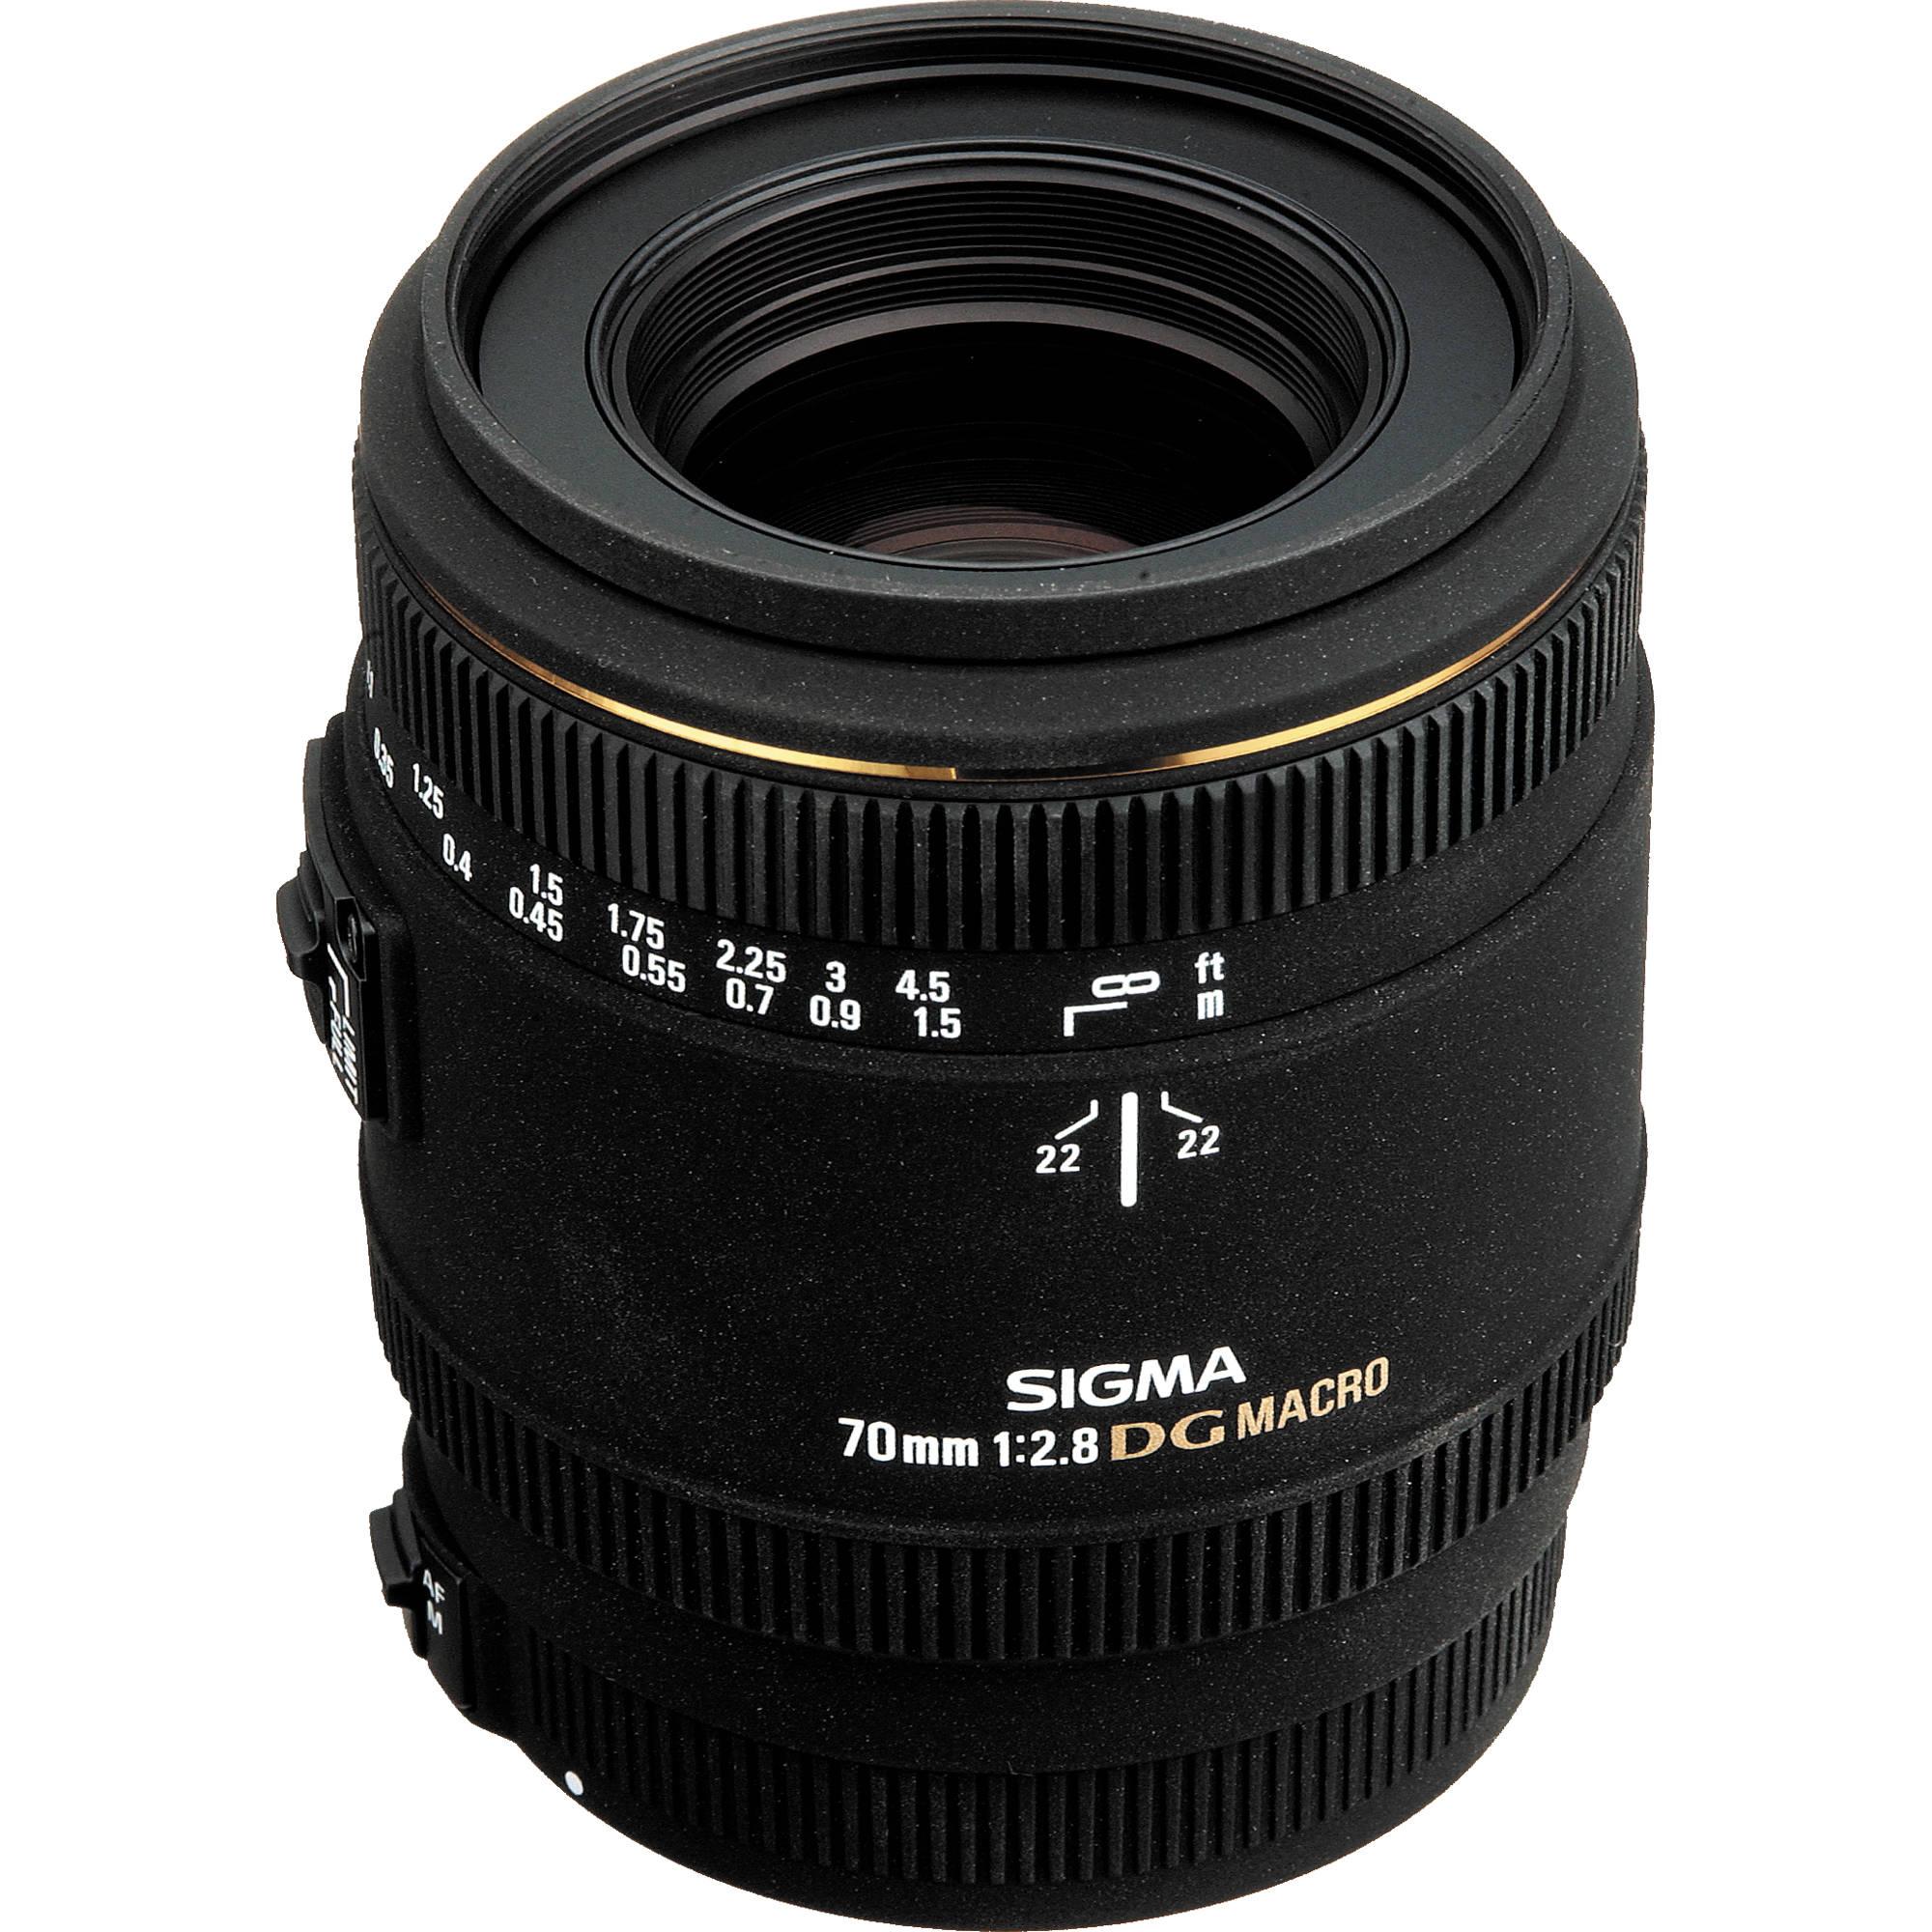 Sigma 70mm f/2.8 EX DG Macro AF Lens for Nikon AF 270306 B&H